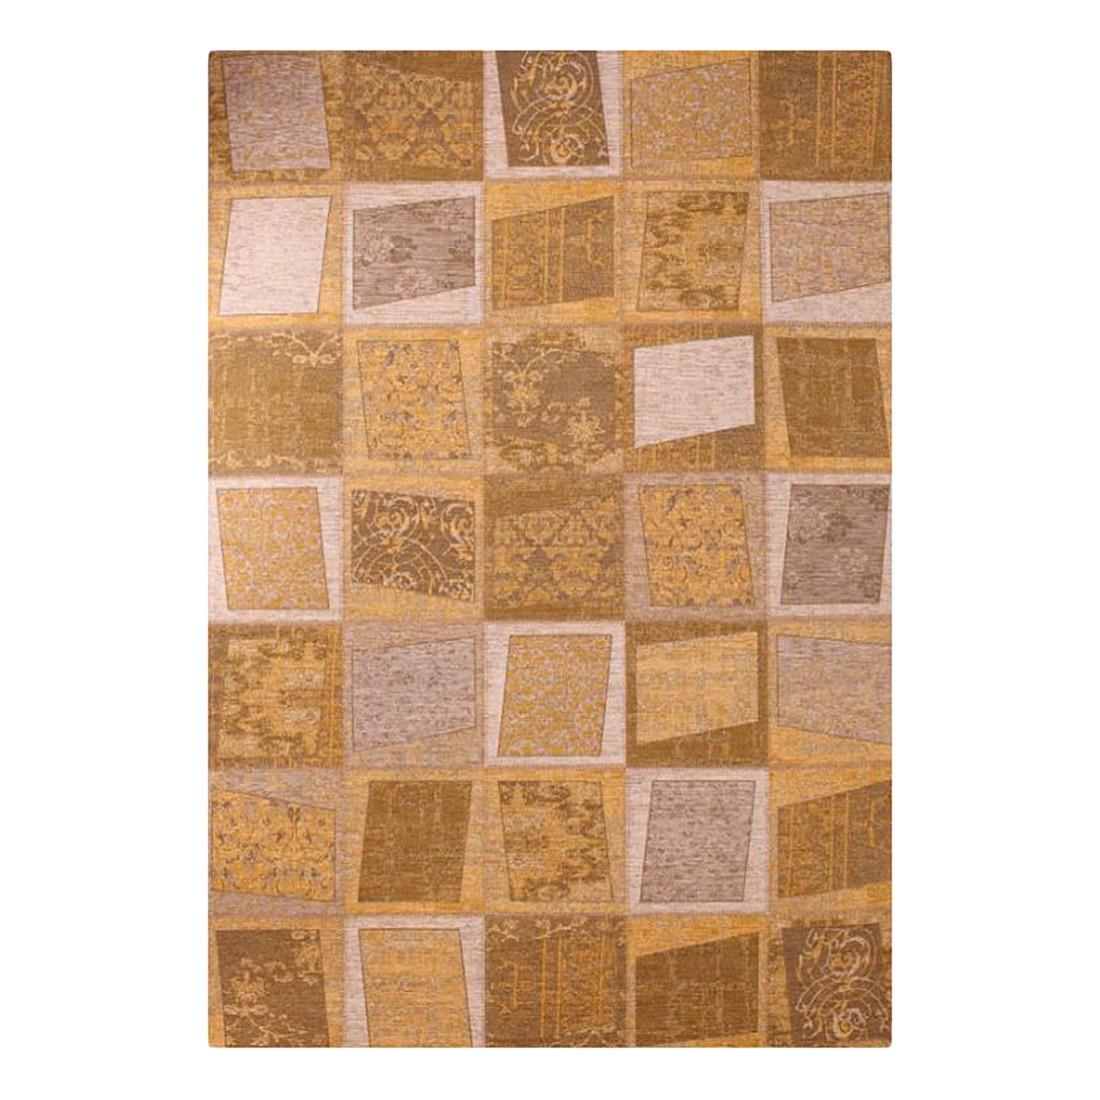 Teppich Retro Patchwork Fantasy IV – 170 x 230 cm, Schöngeist & Petersen online bestellen